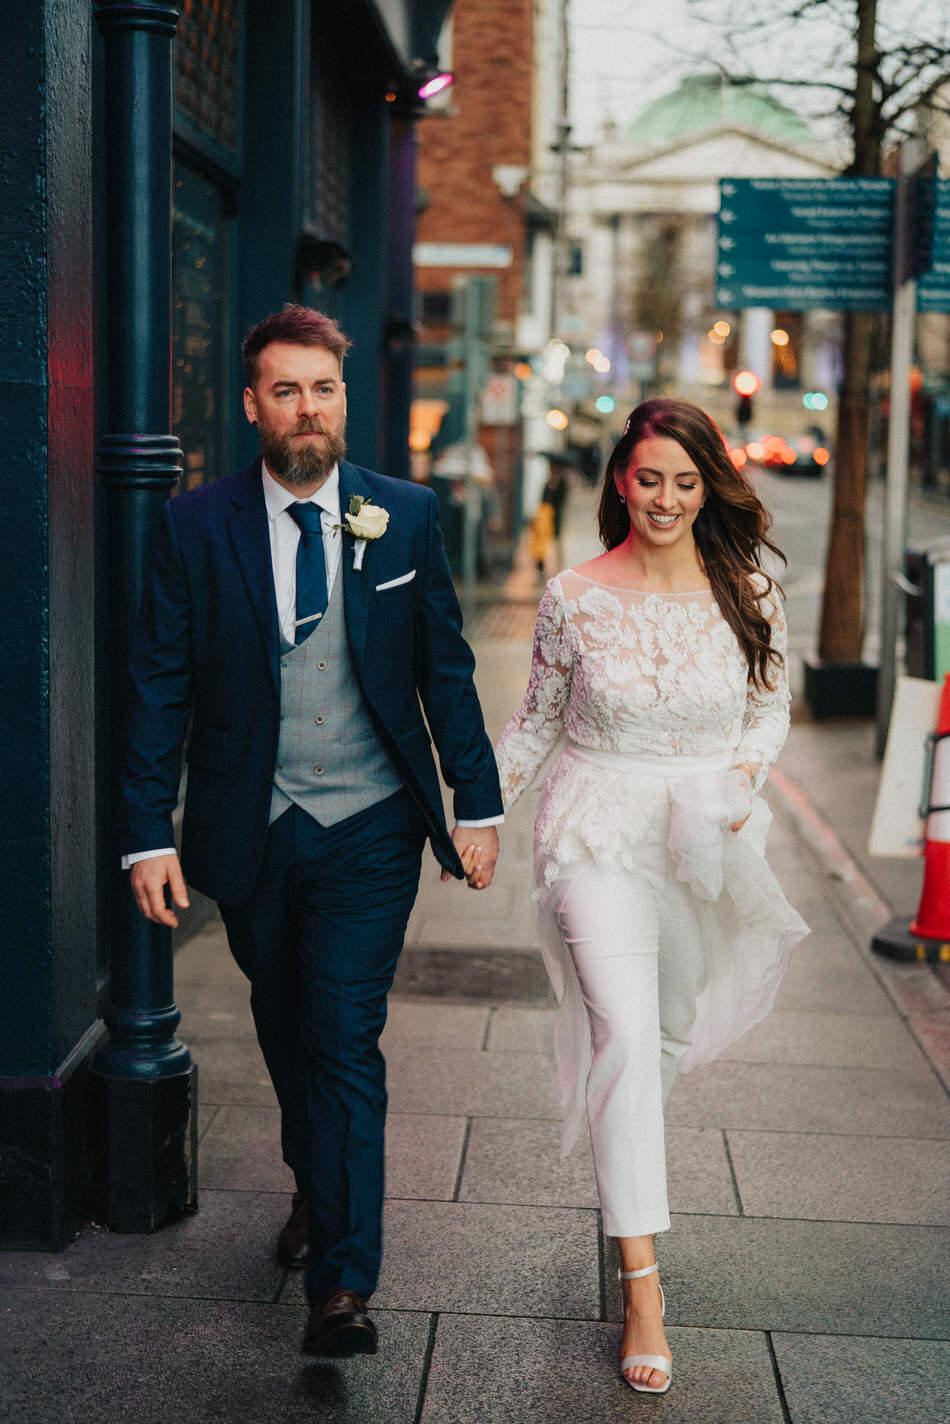 City-hall-dublin-wedding-photos-82 81